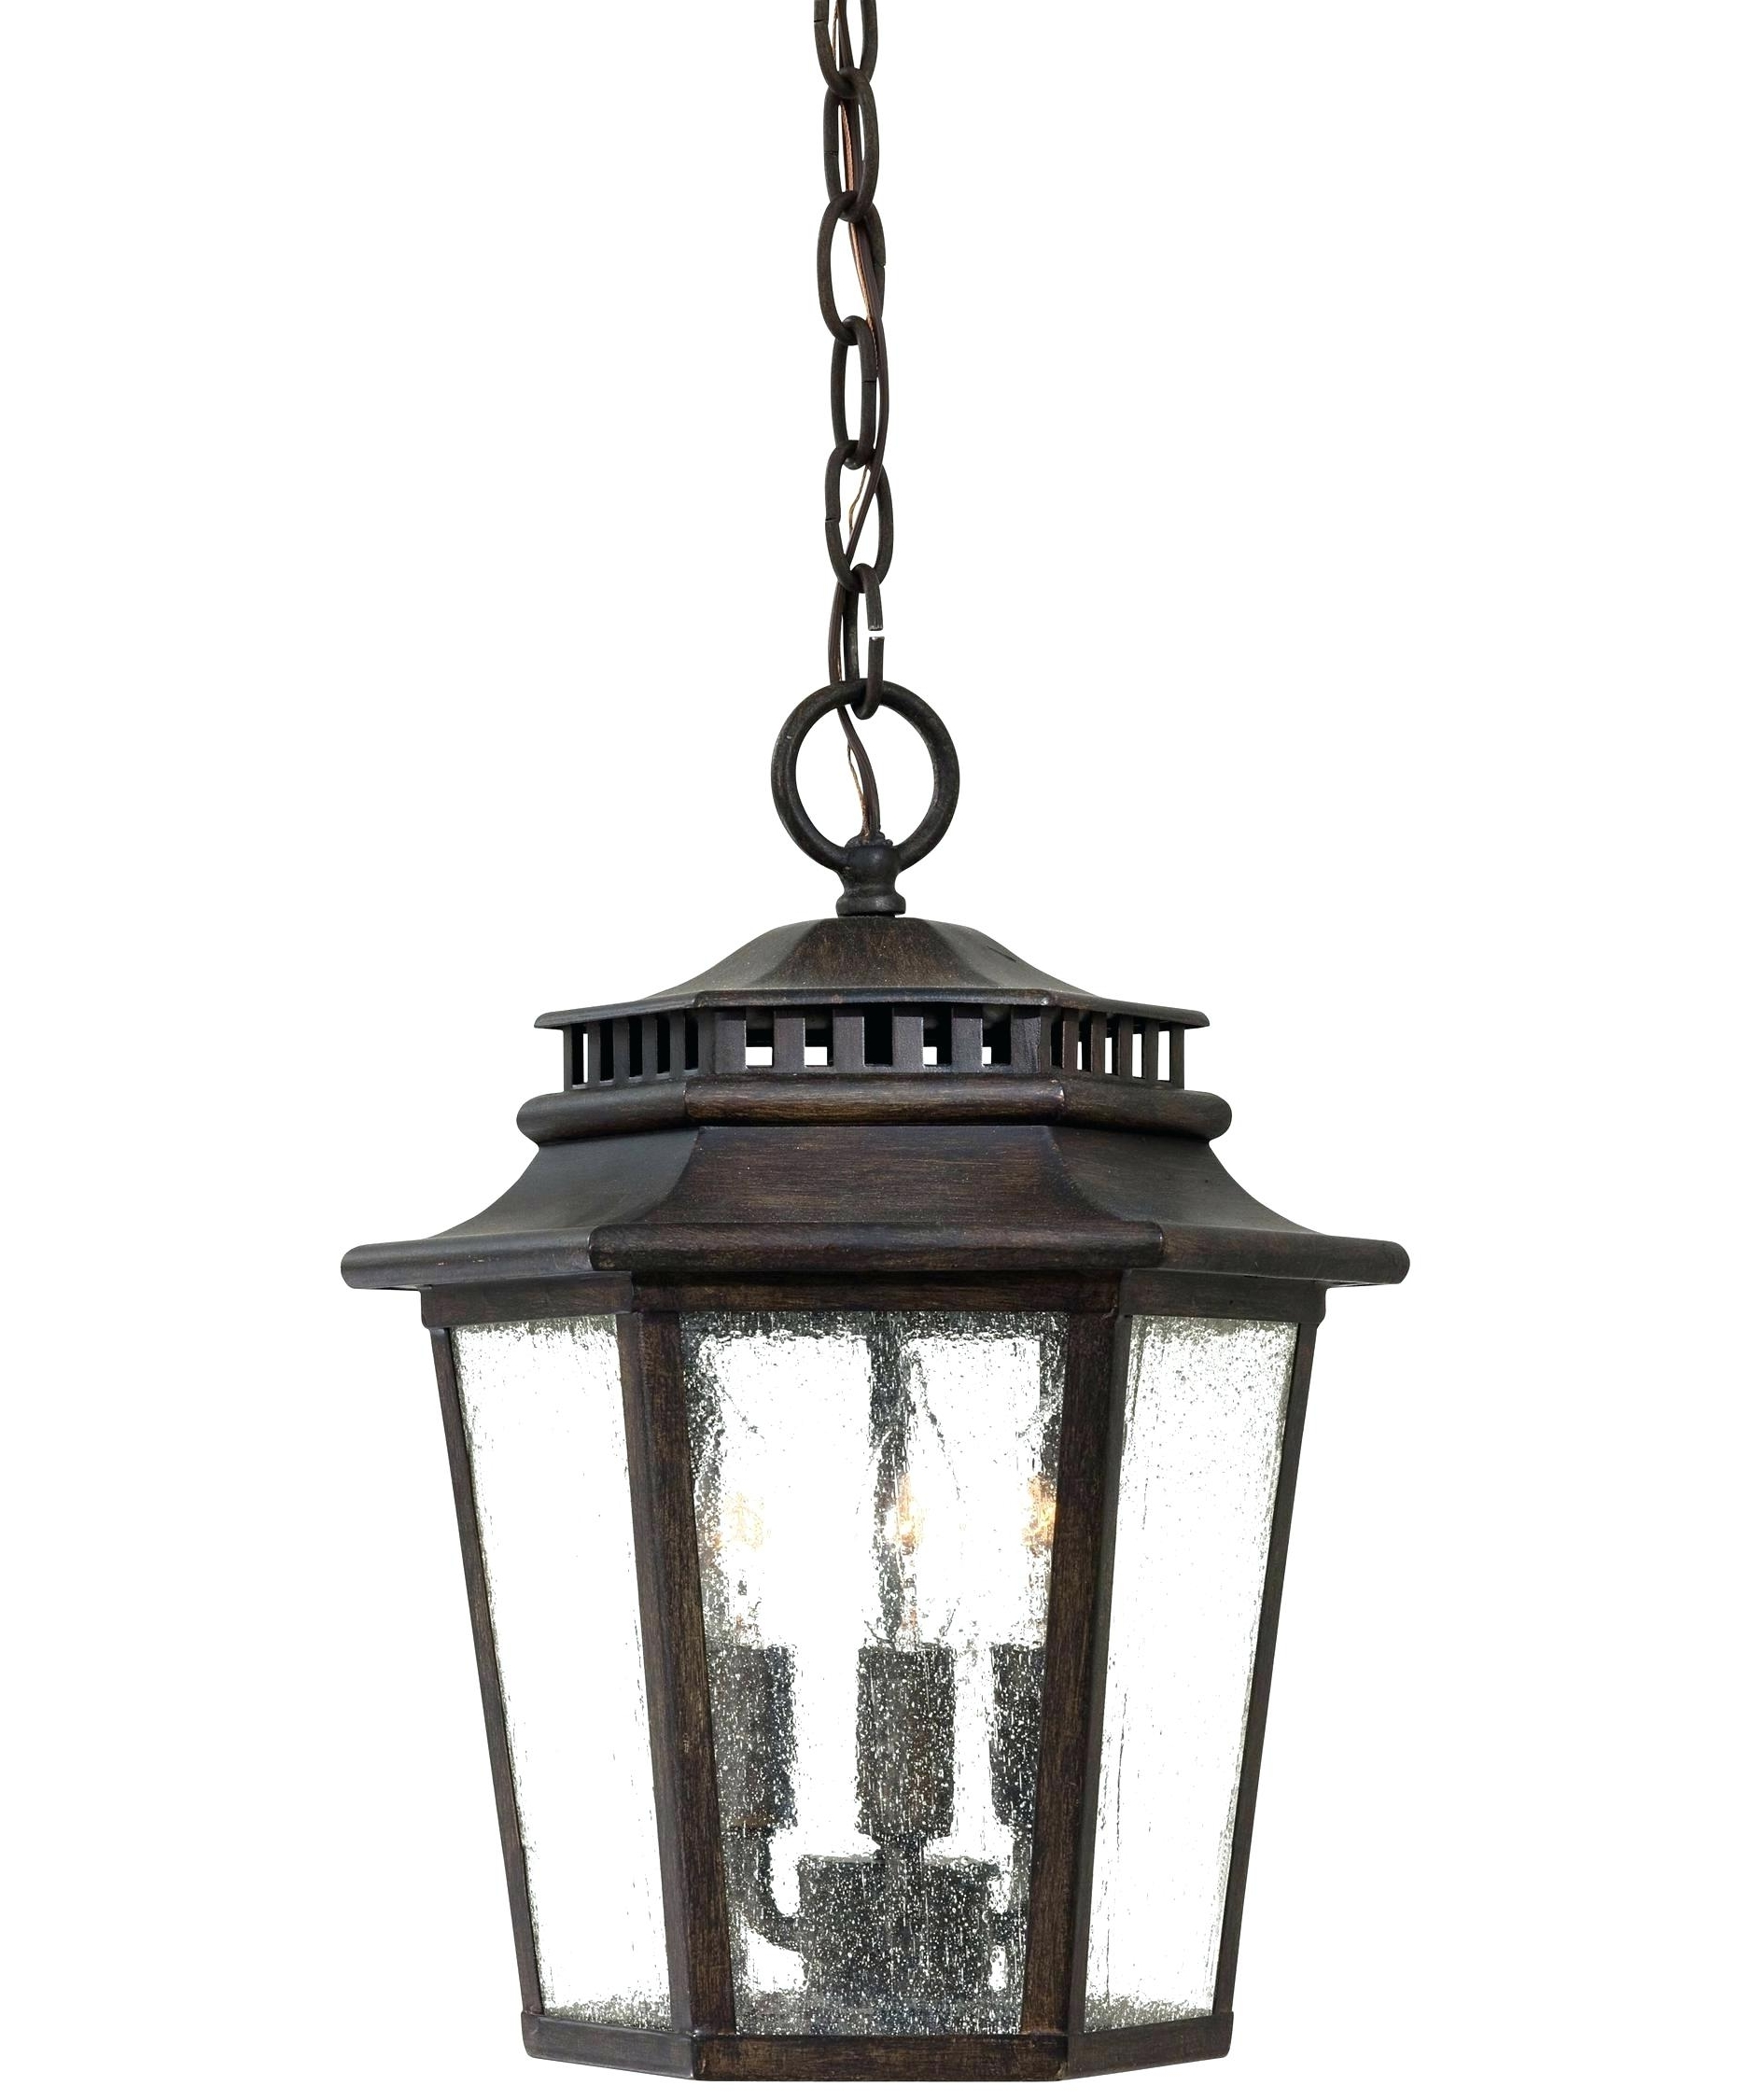 Outdoor Hanging Lamps Online Regarding Favorite Articles With Outdoor Hanging Lamps Online Tag: Outdoor Hanging Lamps (View 12 of 20)